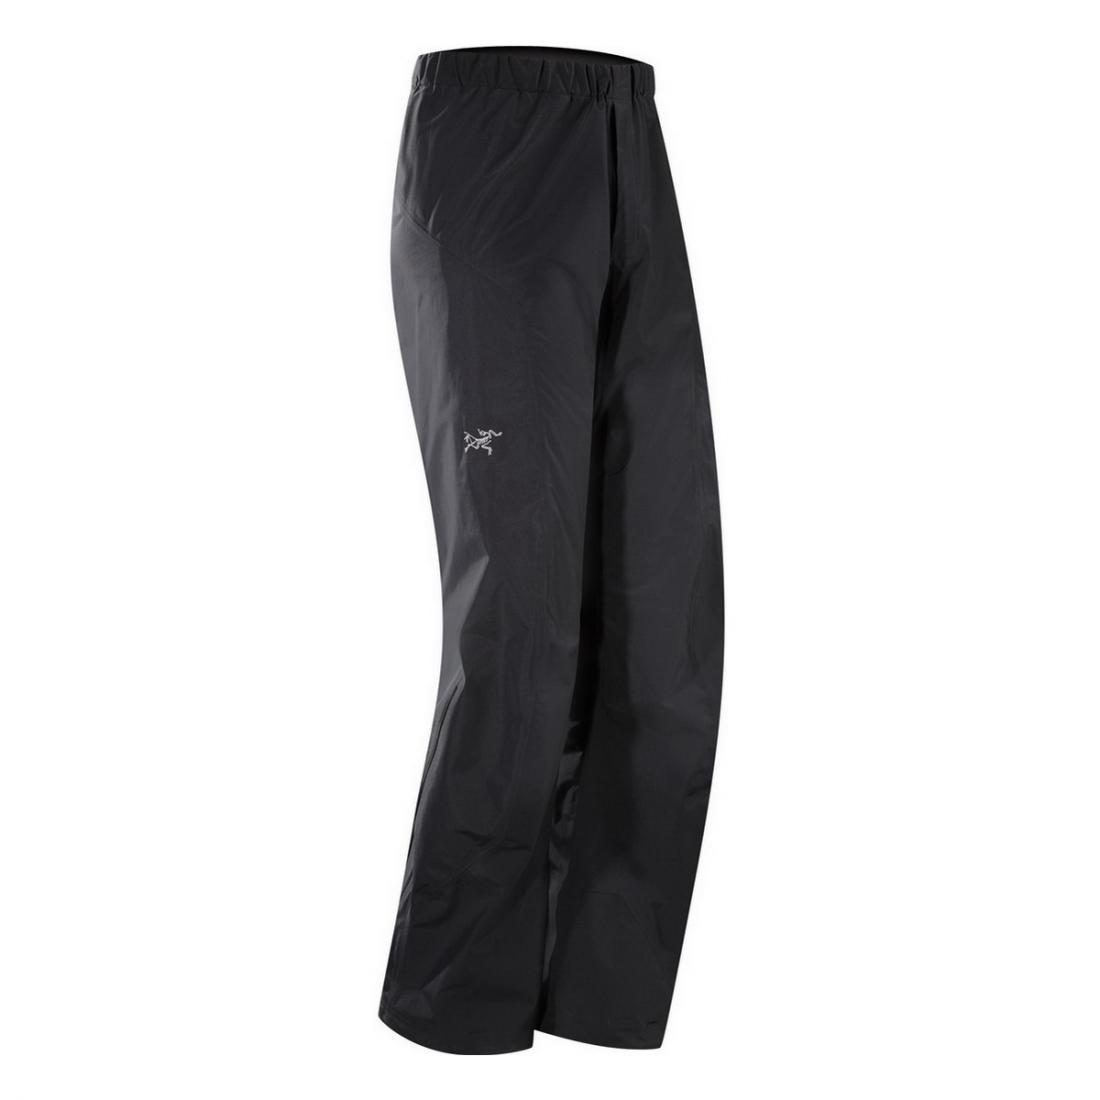 Брюки Beta SL муж.Брюки, штаны<br><br> Arcteryx Beta SL – мужские легкие брюки, которые надежно защищают от непогоды. Они предназначены для тех, кто предпочитает активный отдых на в...<br><br>Цвет: Темно-серый<br>Размер: S